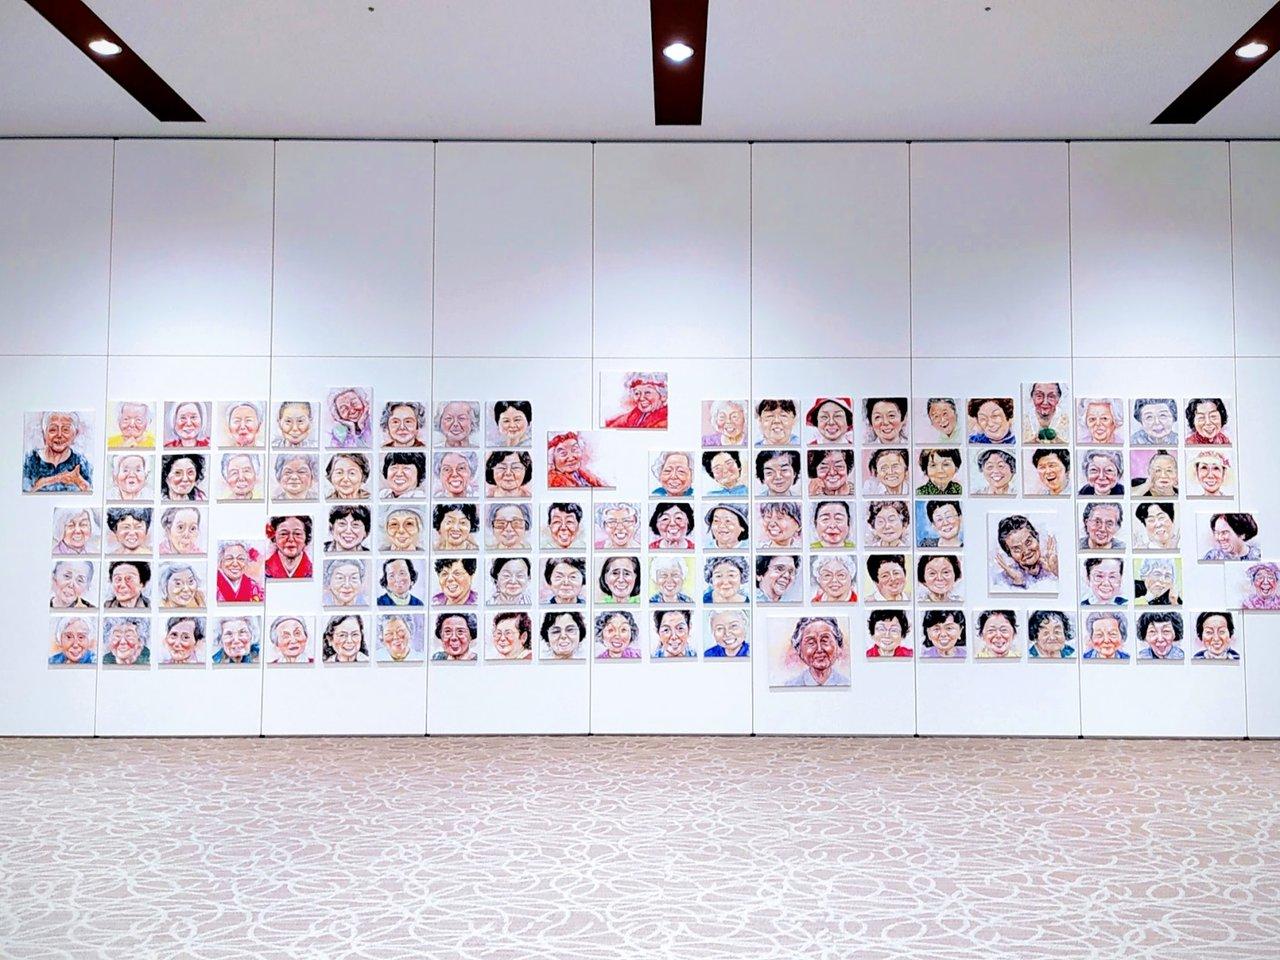 長寿の村の魅力発信!「女性長寿100人展」オンライン展示会開催